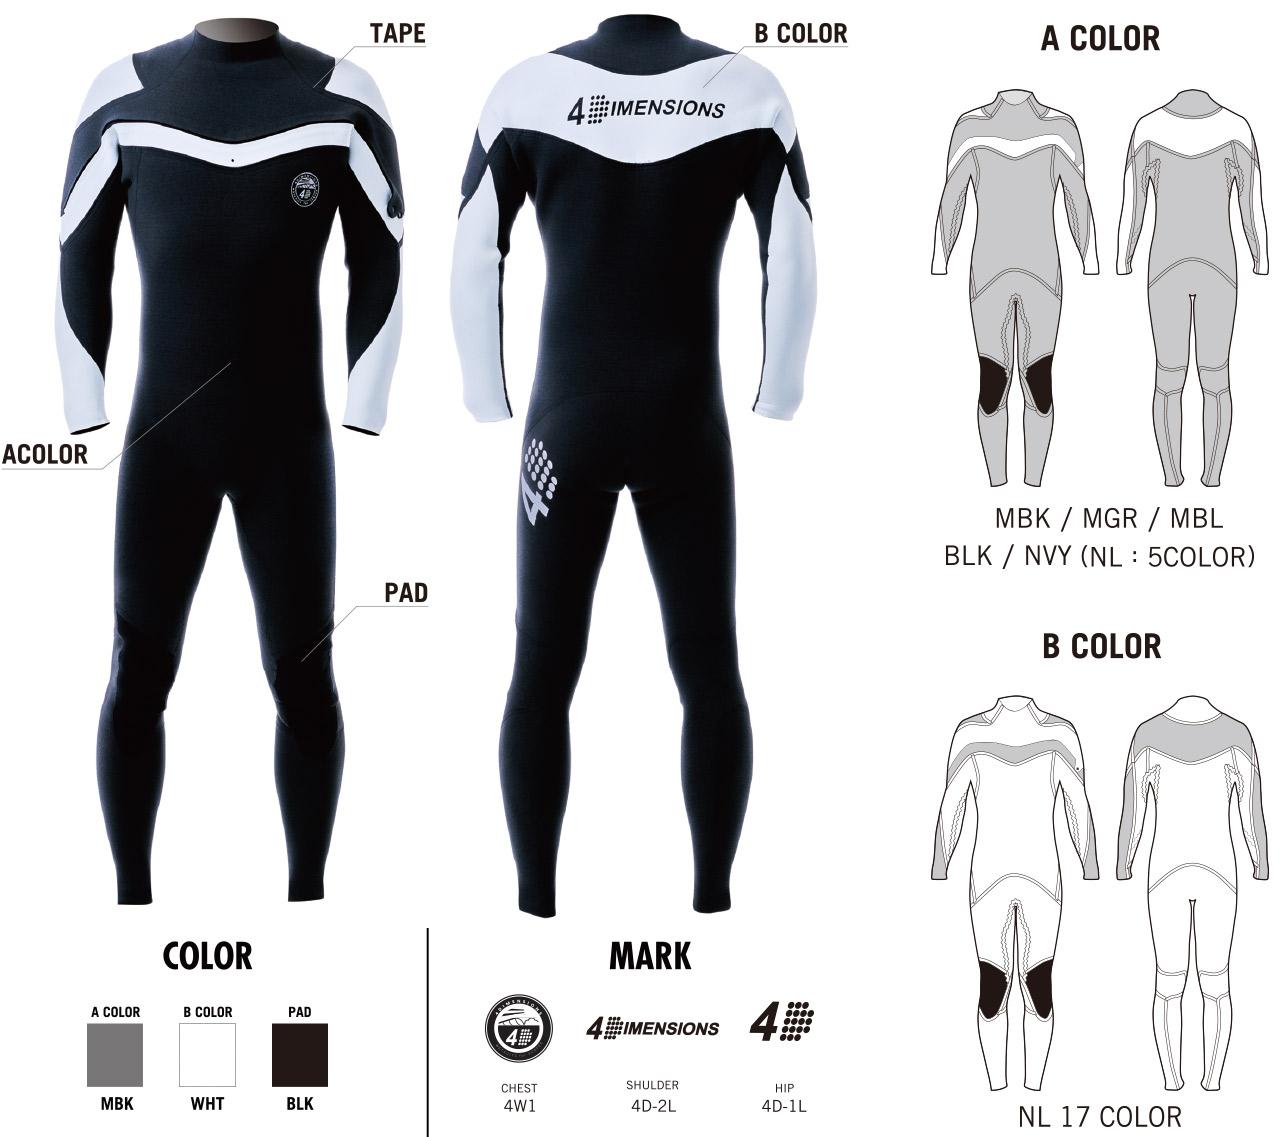 SEALS-CW|HIGHEST SUITS HIGHPERFORMANCE MODEL|縫い目のないシームレス製法の究極のウェットスーツ「シールズ」|4D Wetsuits|4DIMENSIONS